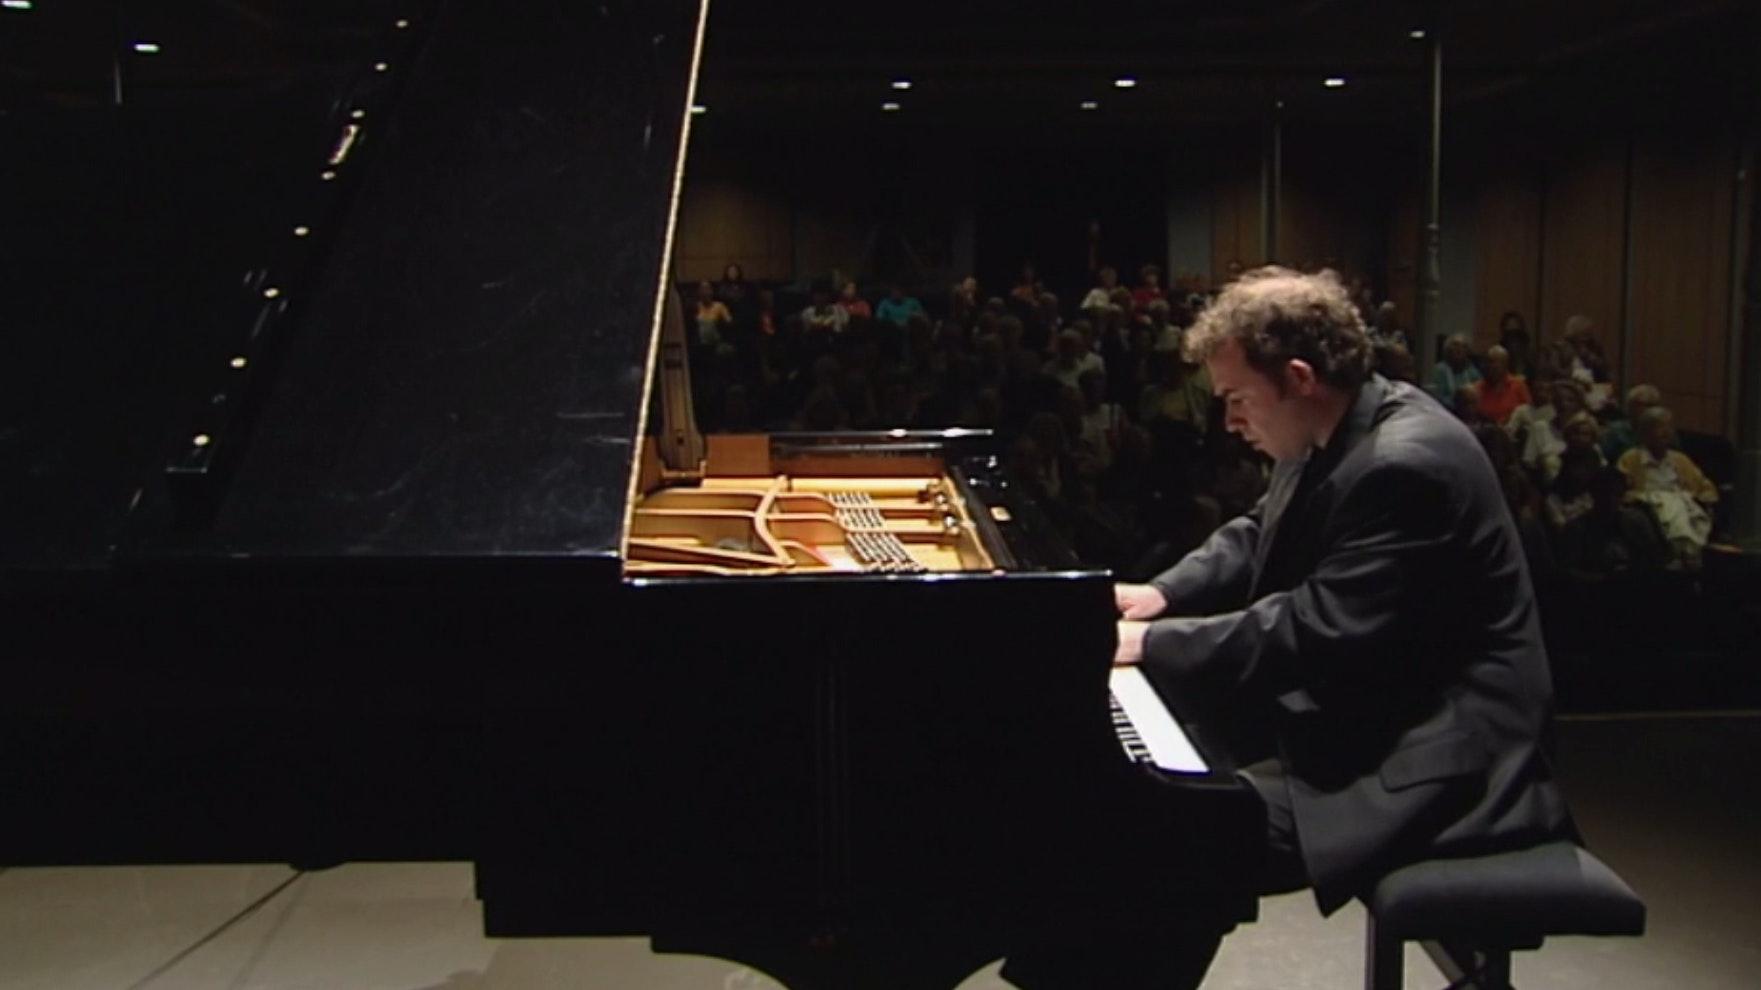 Dans les coulisses du Concours International de Piano Clara Haskil